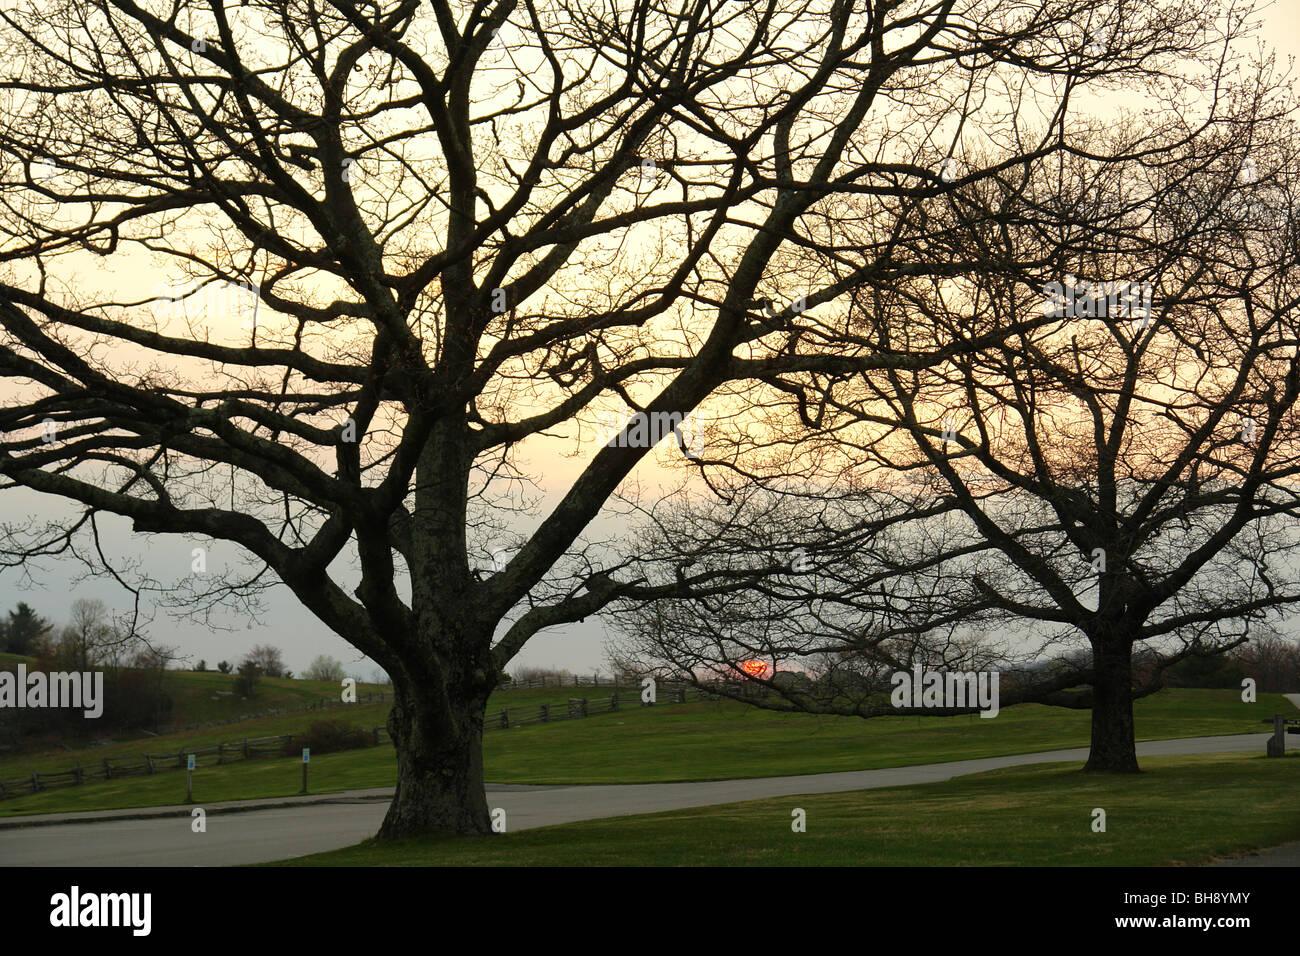 AJD64418, Blue Ridge Parkway, NC, Caroline du Nord, donnent sur, coucher de soleil, silhouette d'arbres Banque D'Images